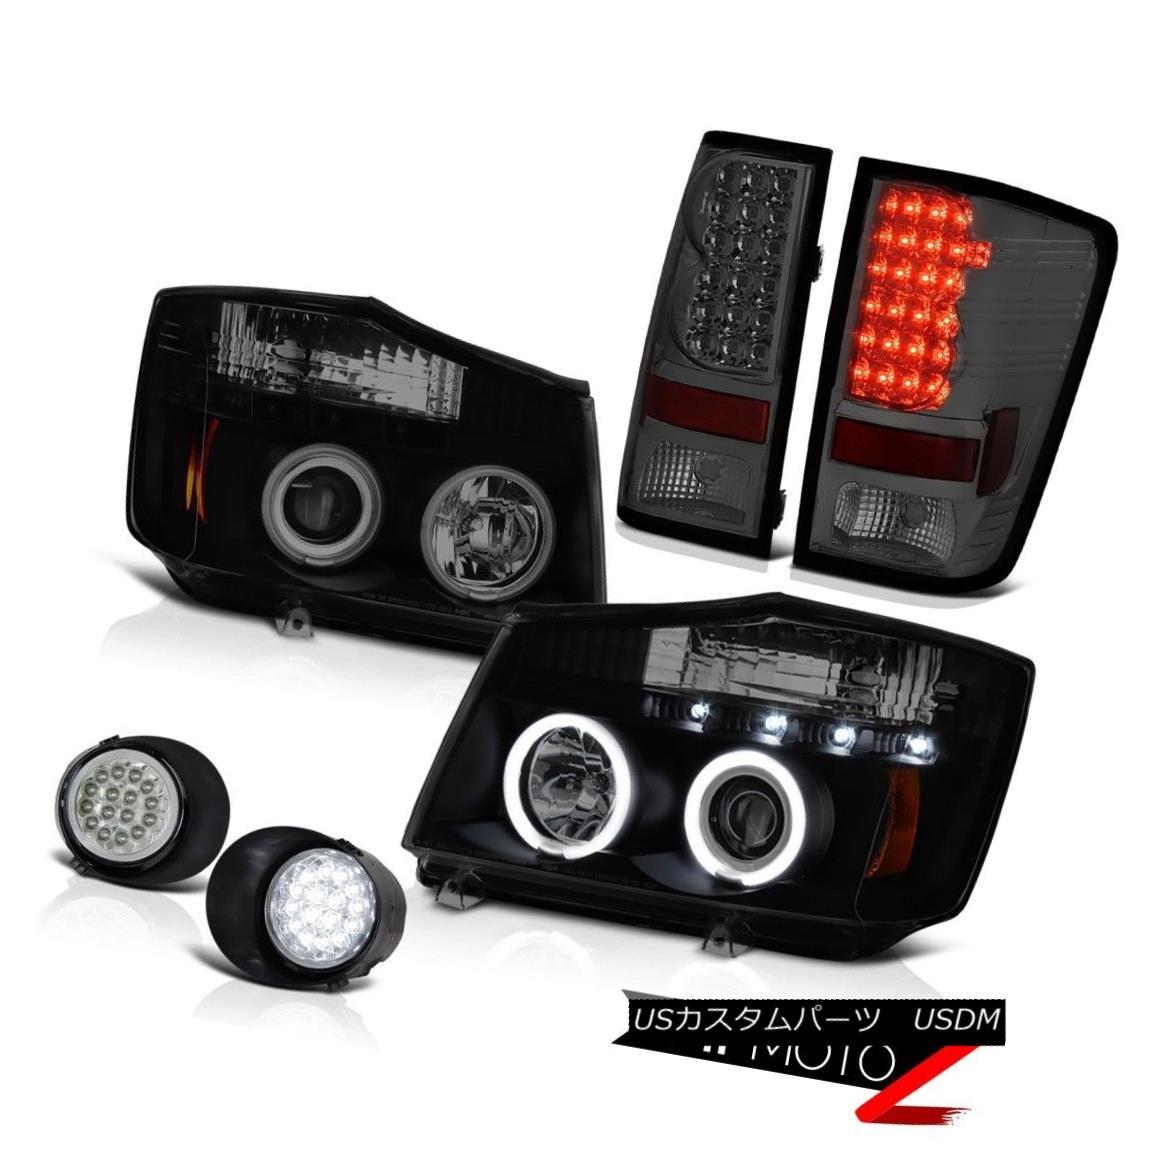 テールライト For 2004-2015 Titan XE CCFL Halo Ring Headlight Smoke LED Tail Light Bumper Fog 2004年?2015年Titan XE CCFL HaloリングヘッドライトスモークLEDテールライトバンパーフォグ